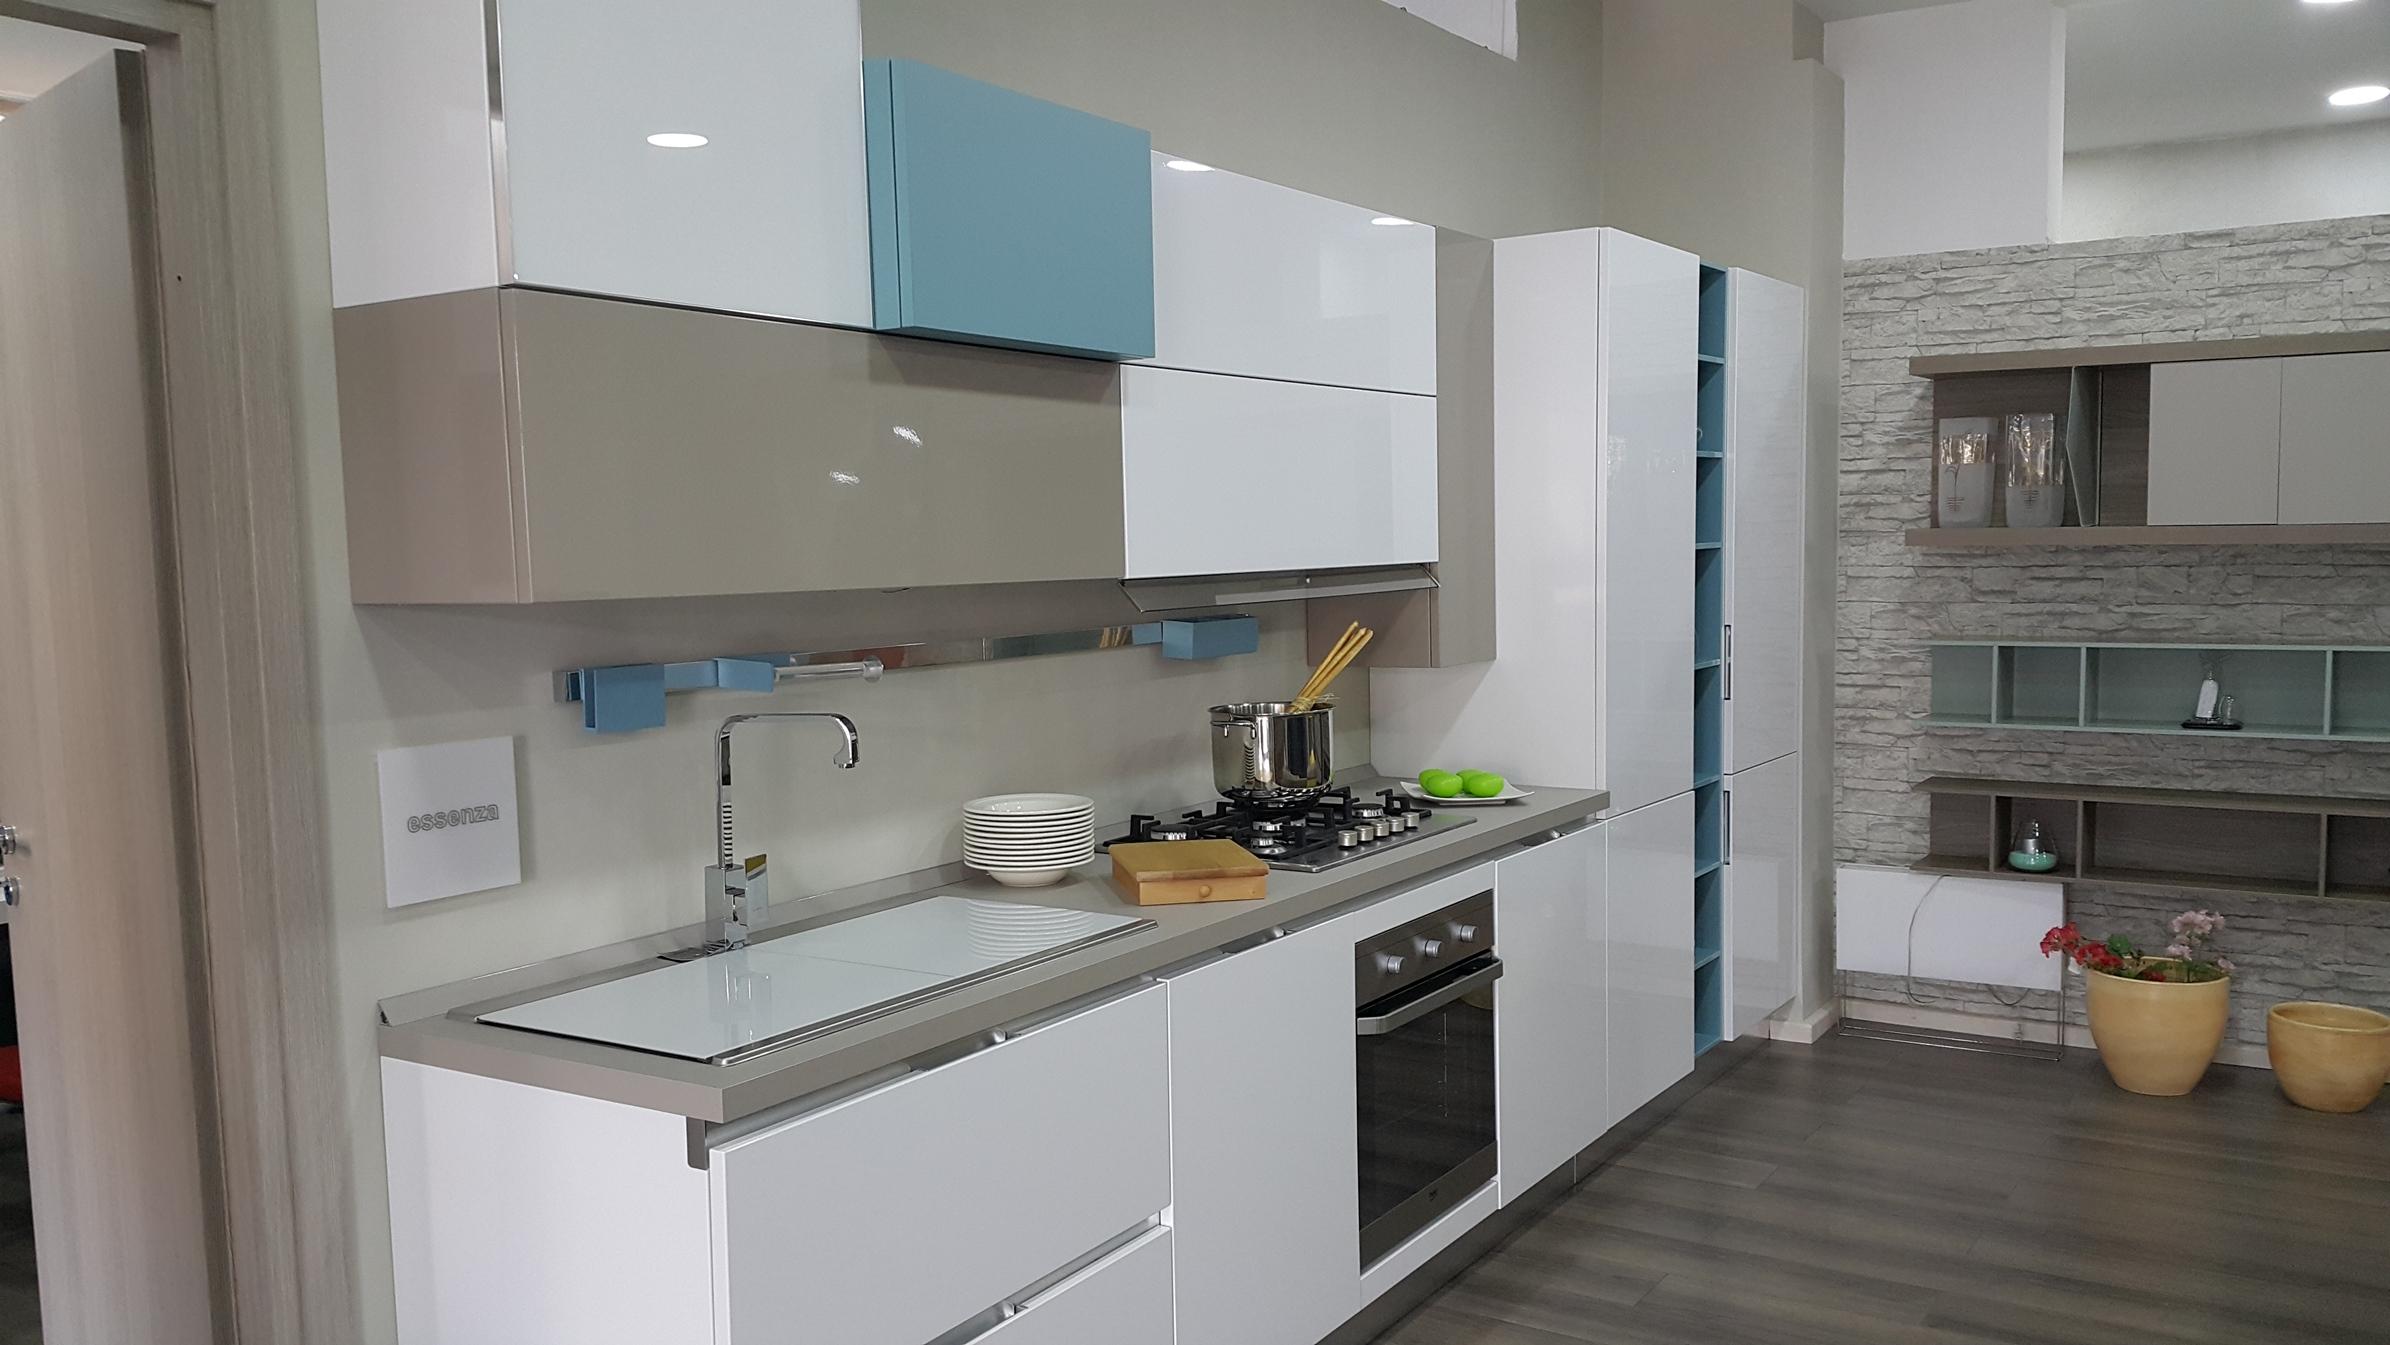 lube cucina modello essenza cucine a prezzi scontati. Black Bedroom Furniture Sets. Home Design Ideas